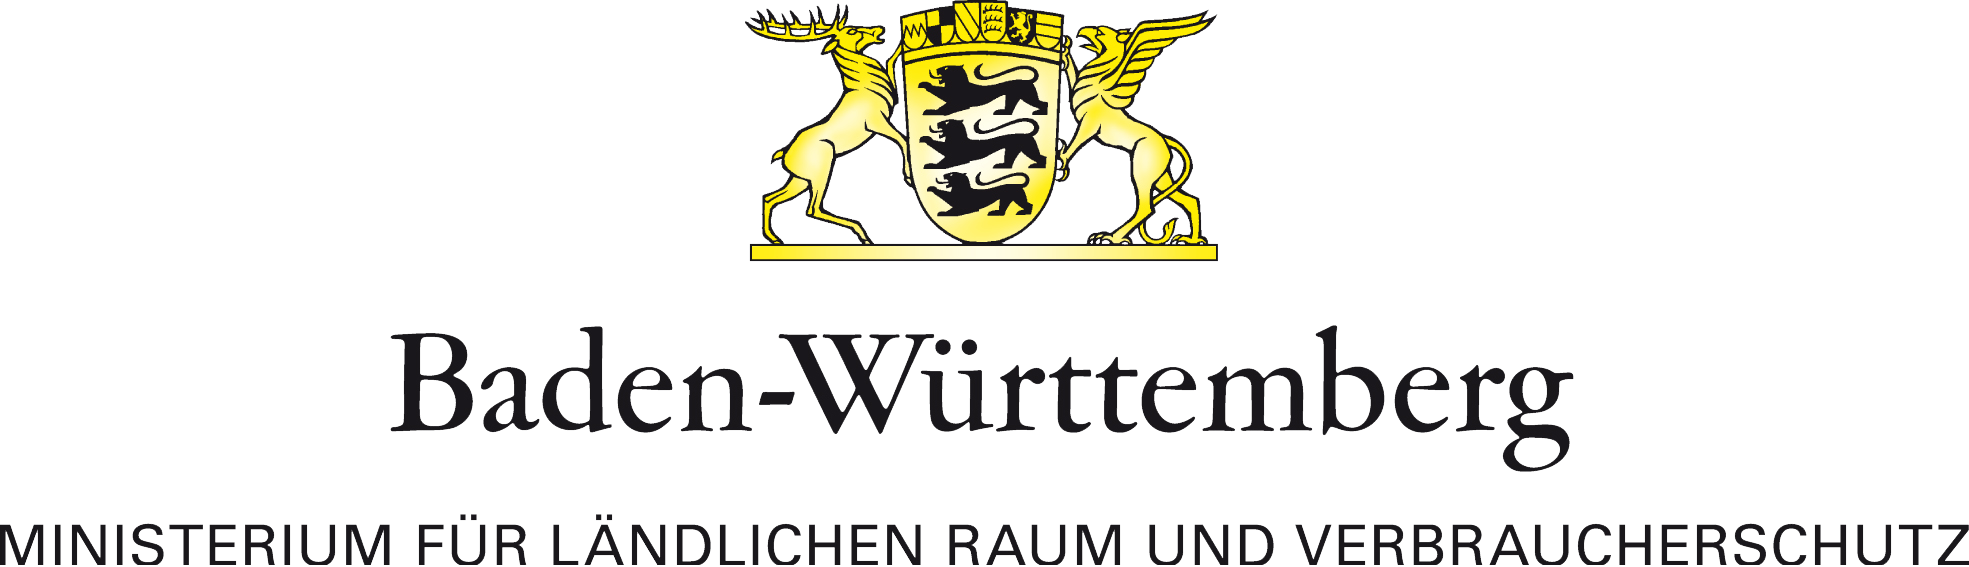 Logo Ministerium für Ländlichen Raum BW